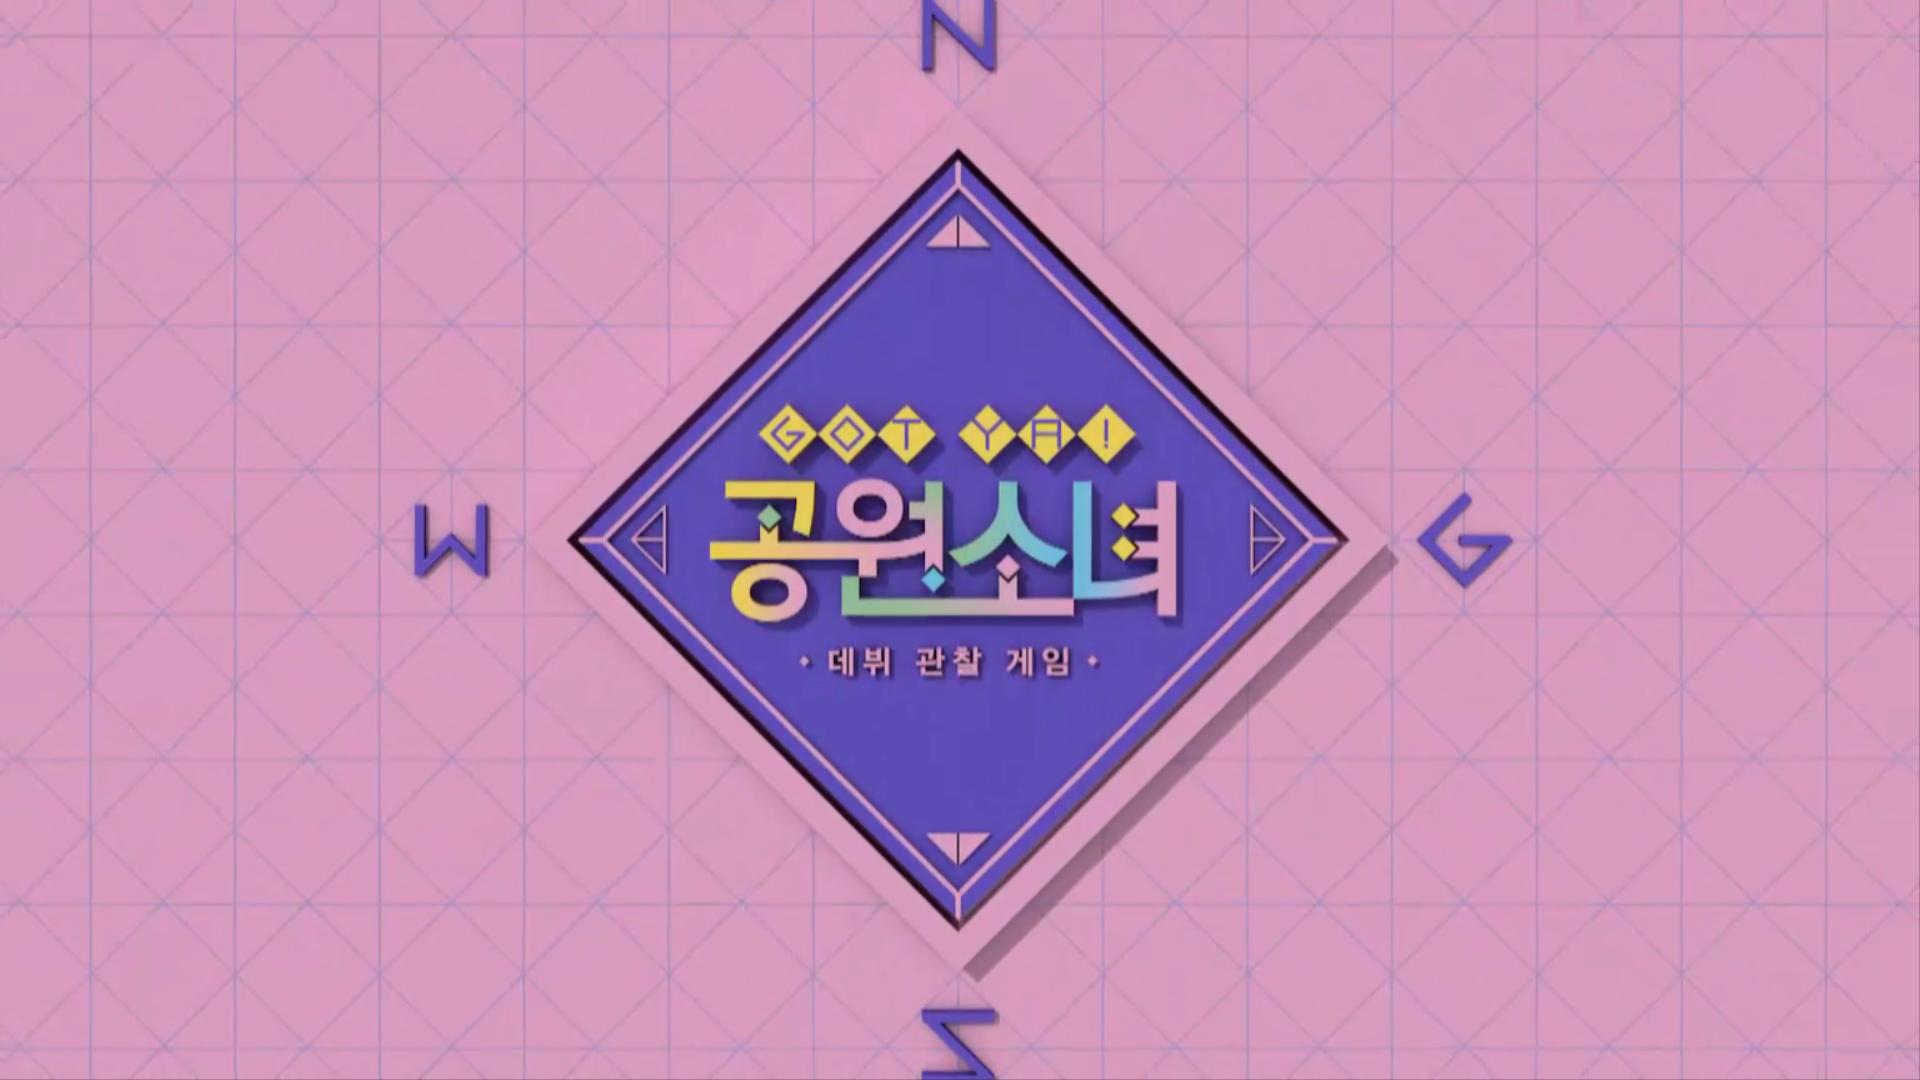 [GOT YA! 공원소녀 6회 예고] 공원소녀 첫 해외 스케쥴♥ 스펙타클한 미션 수행?!